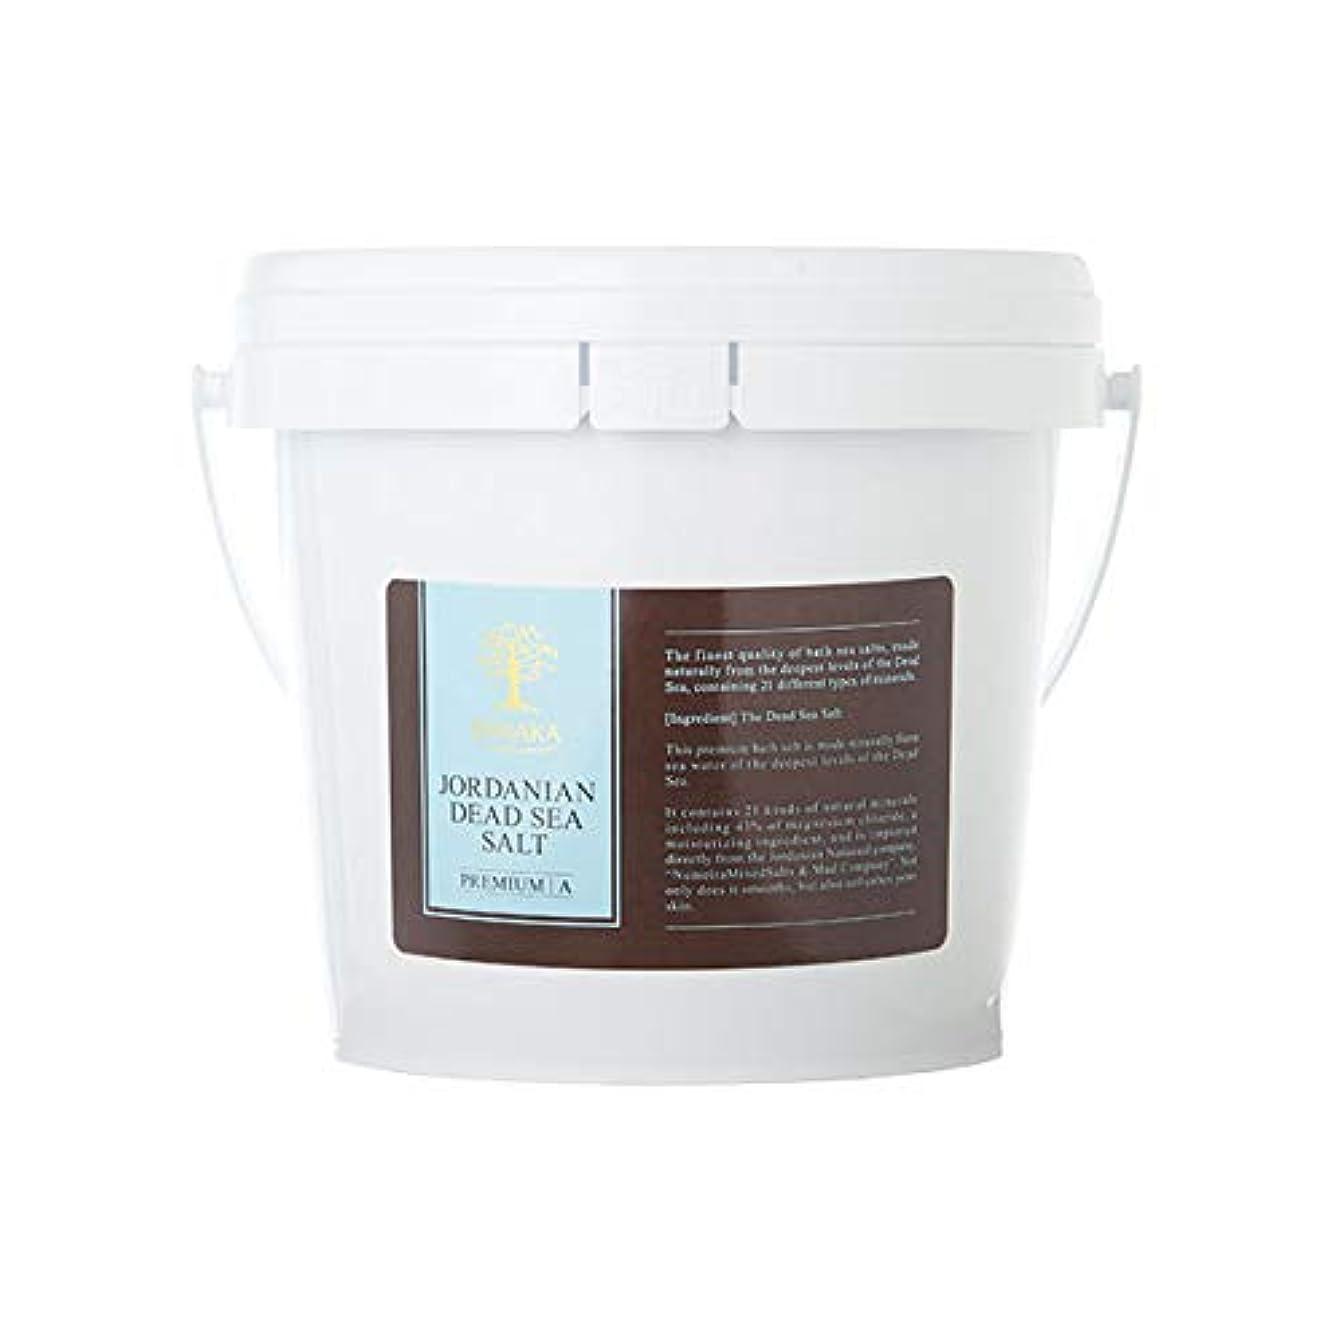 速記アクセルばかBARAKA(バラカ) ジョルダニアン デッドシー ソルト バケツ 1.5kg バスソルト 入浴剤 ヨルダン産死海塩100%